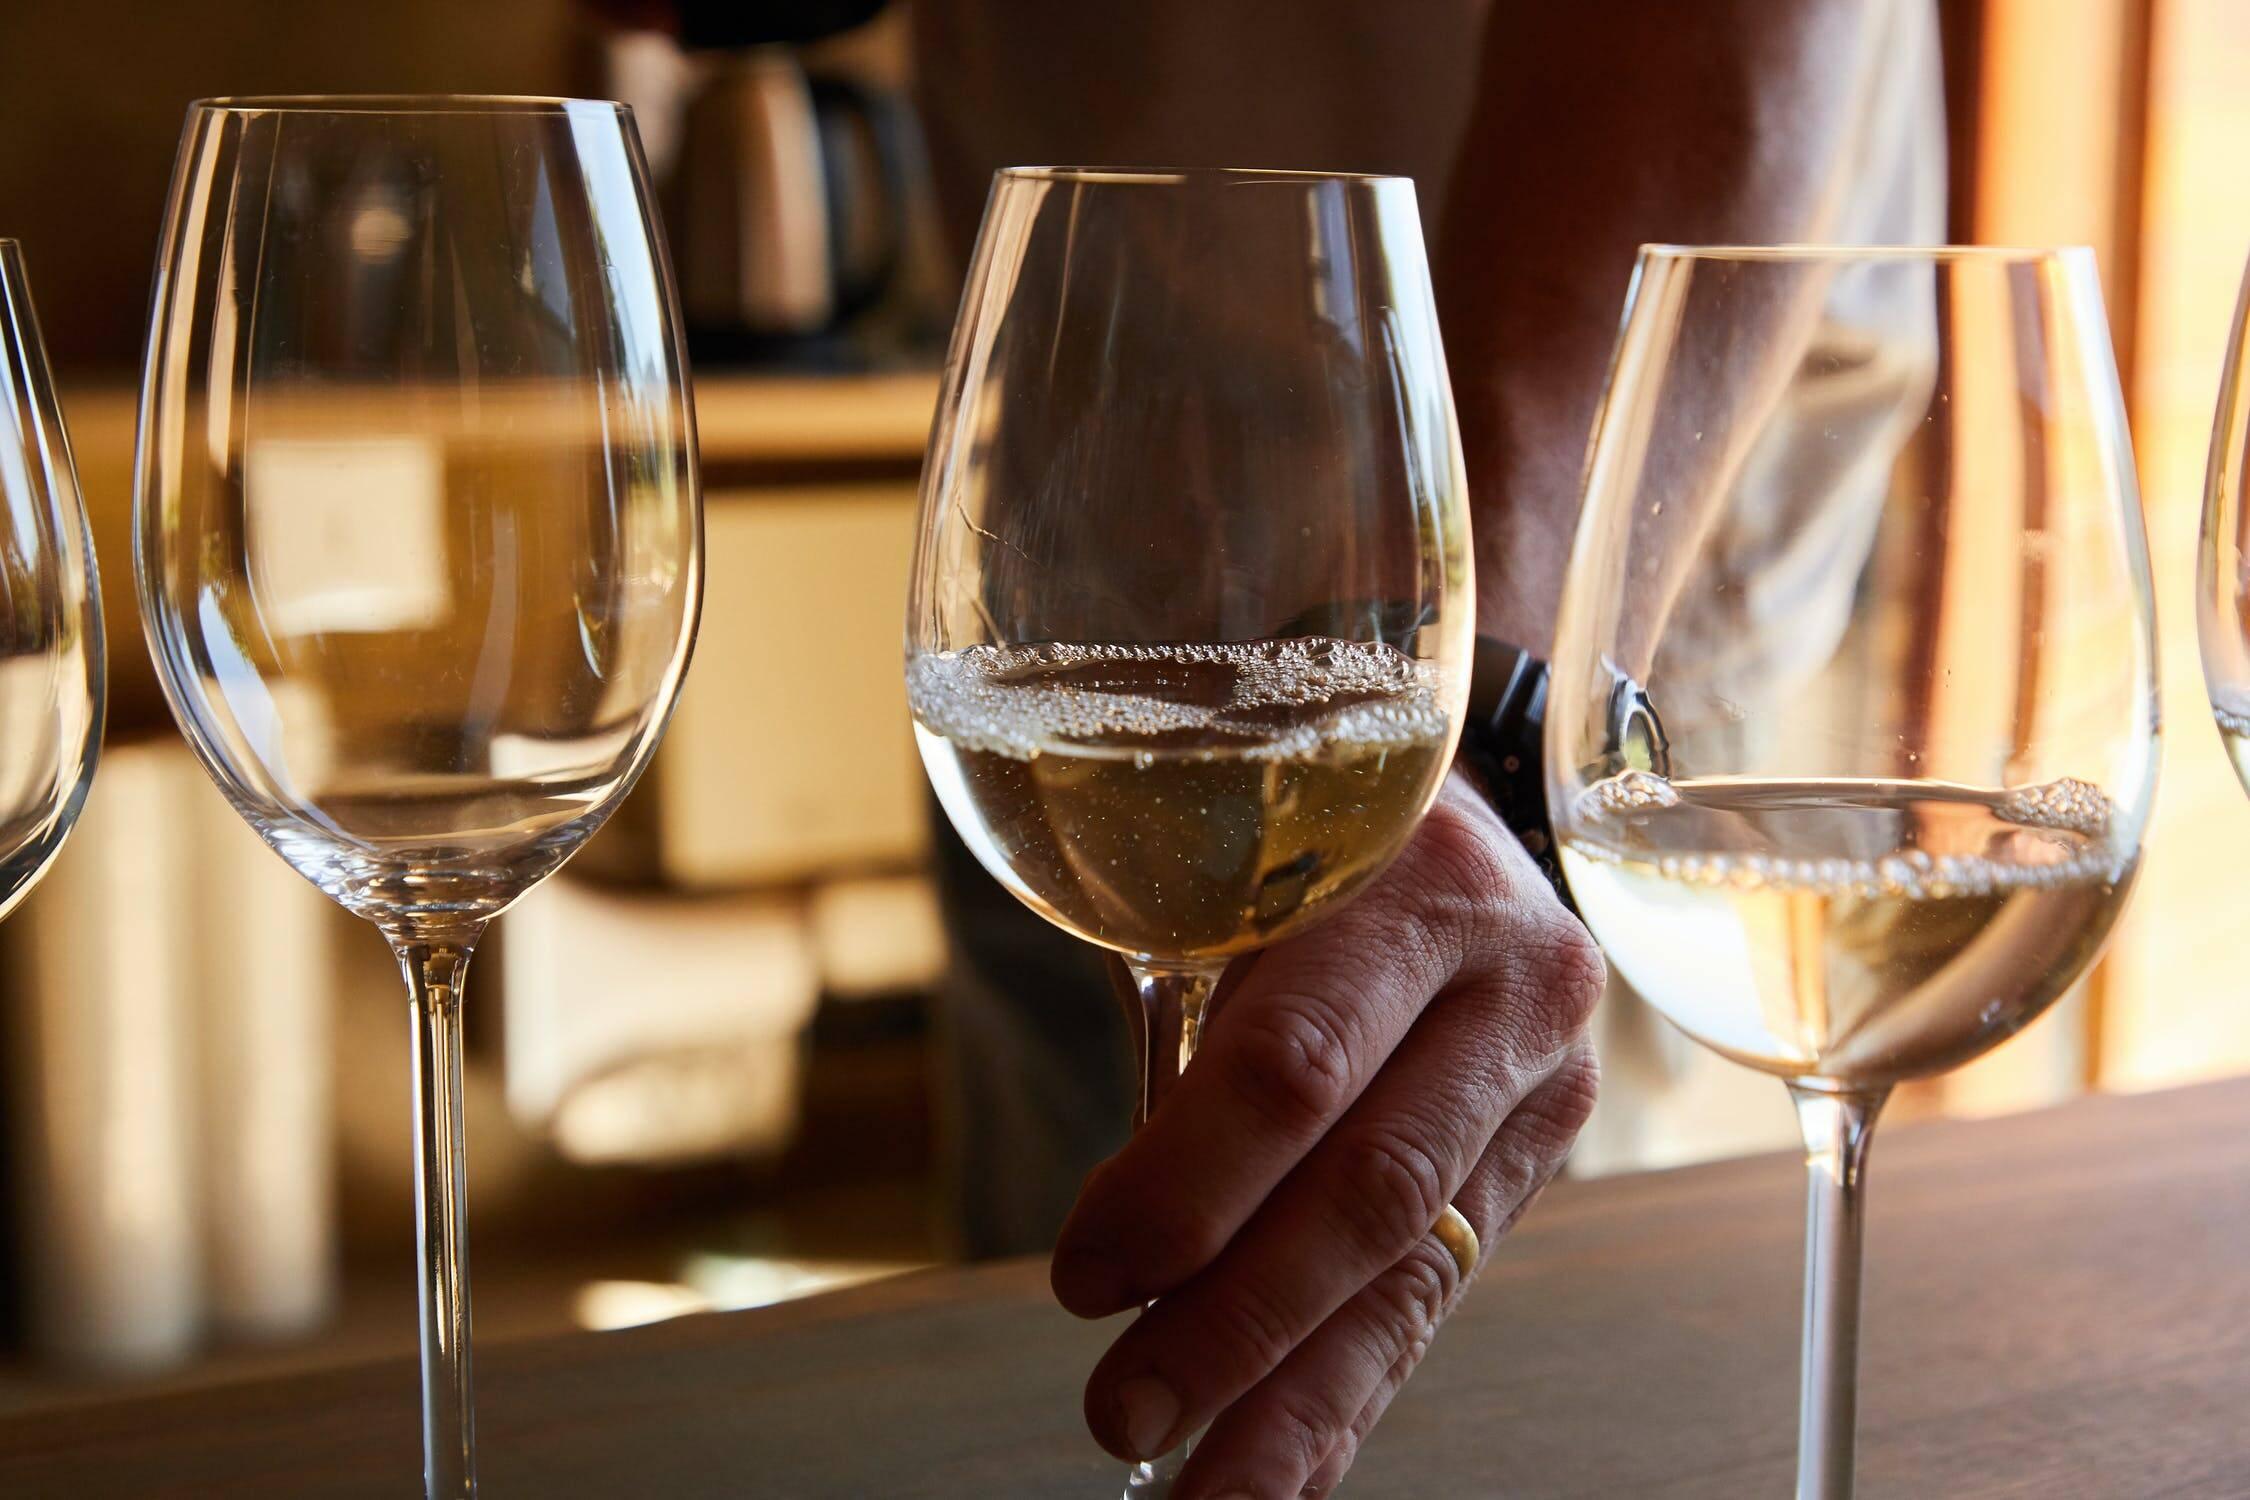 18 établissements de la région dans le top 100 des meilleures cartes des vins de France